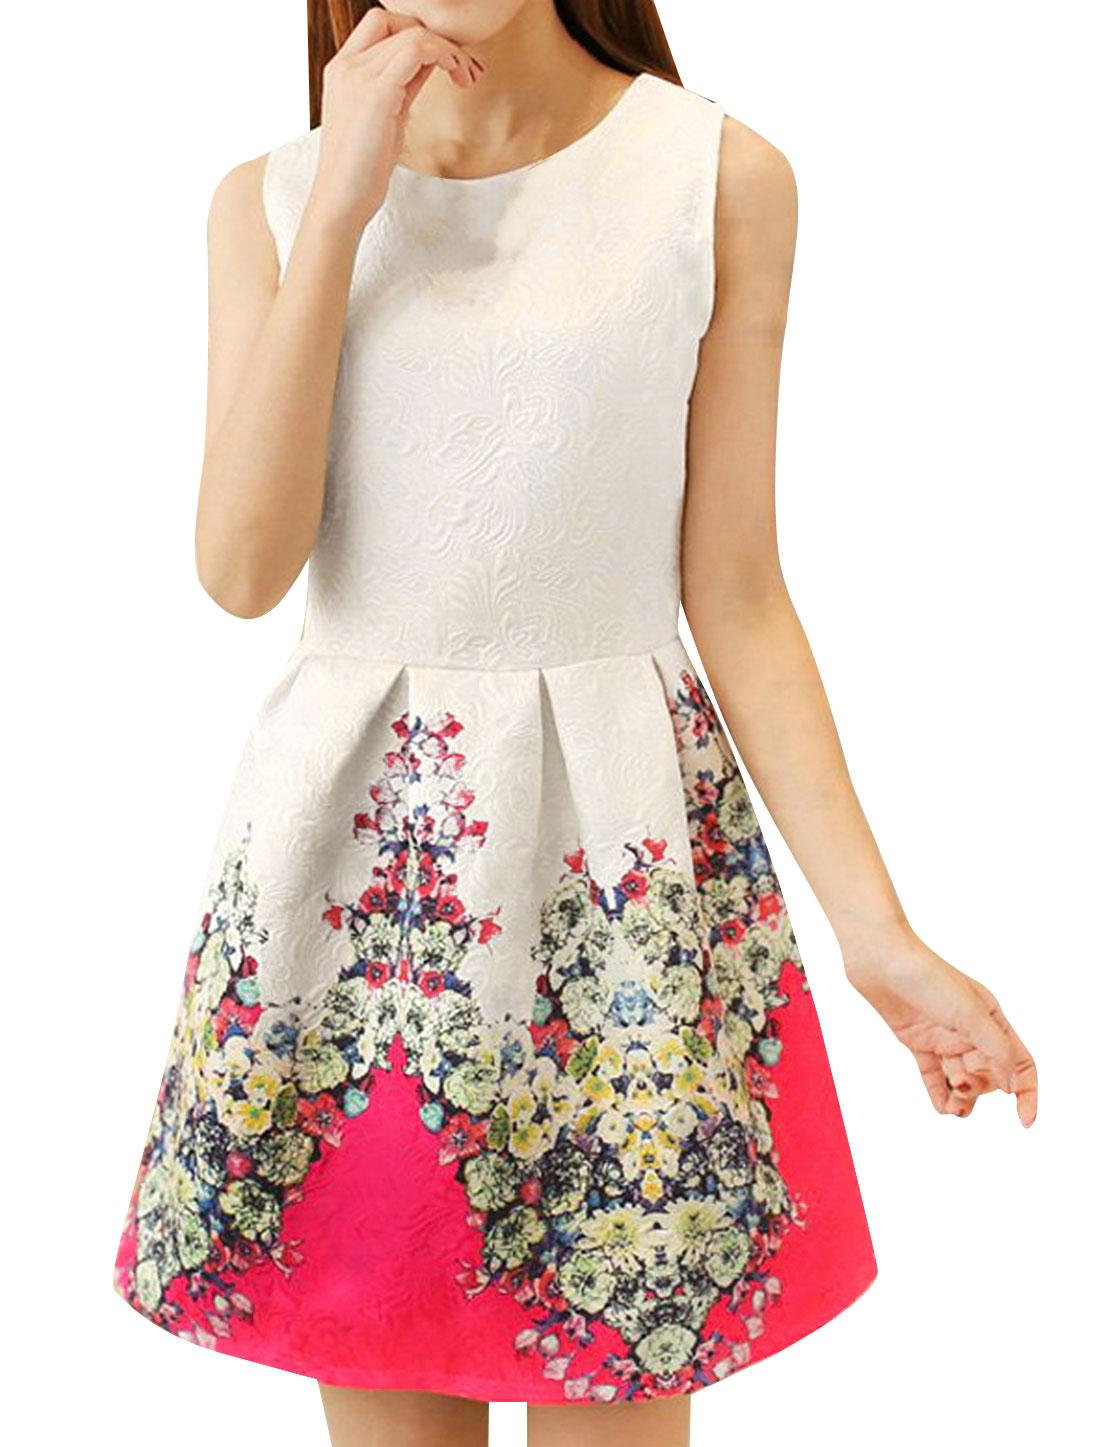 Ladies-Sleeveless-Gathered-Detail-Sweet-Textured-Tank-Dress